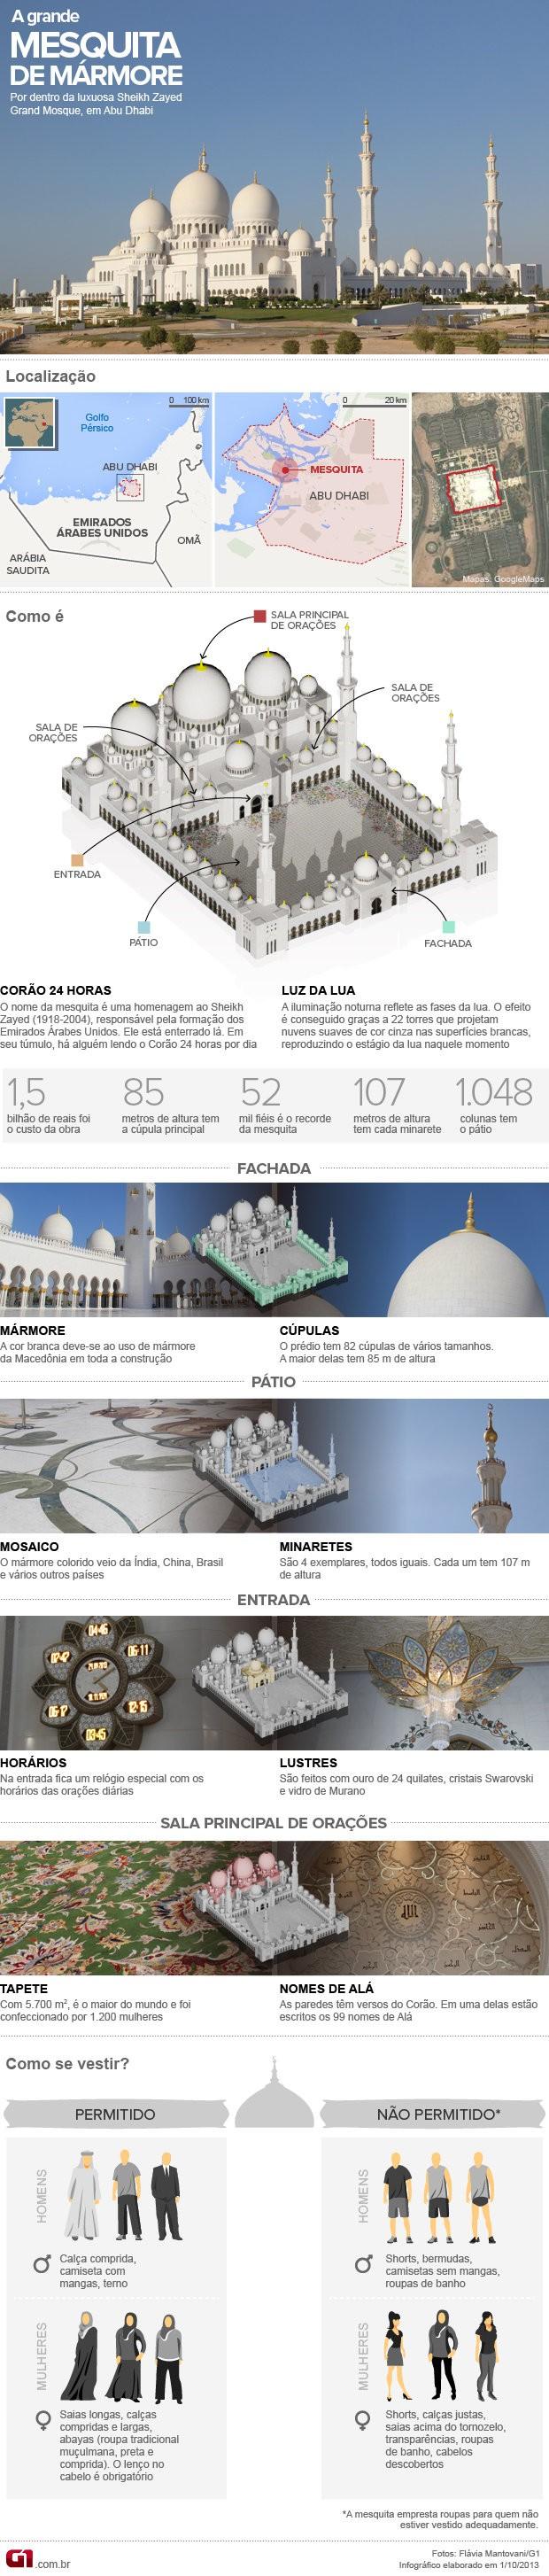 VALE ESTE- Arte grande mesquita de mármore de Abu Dhabi (Foto: Arte G1)